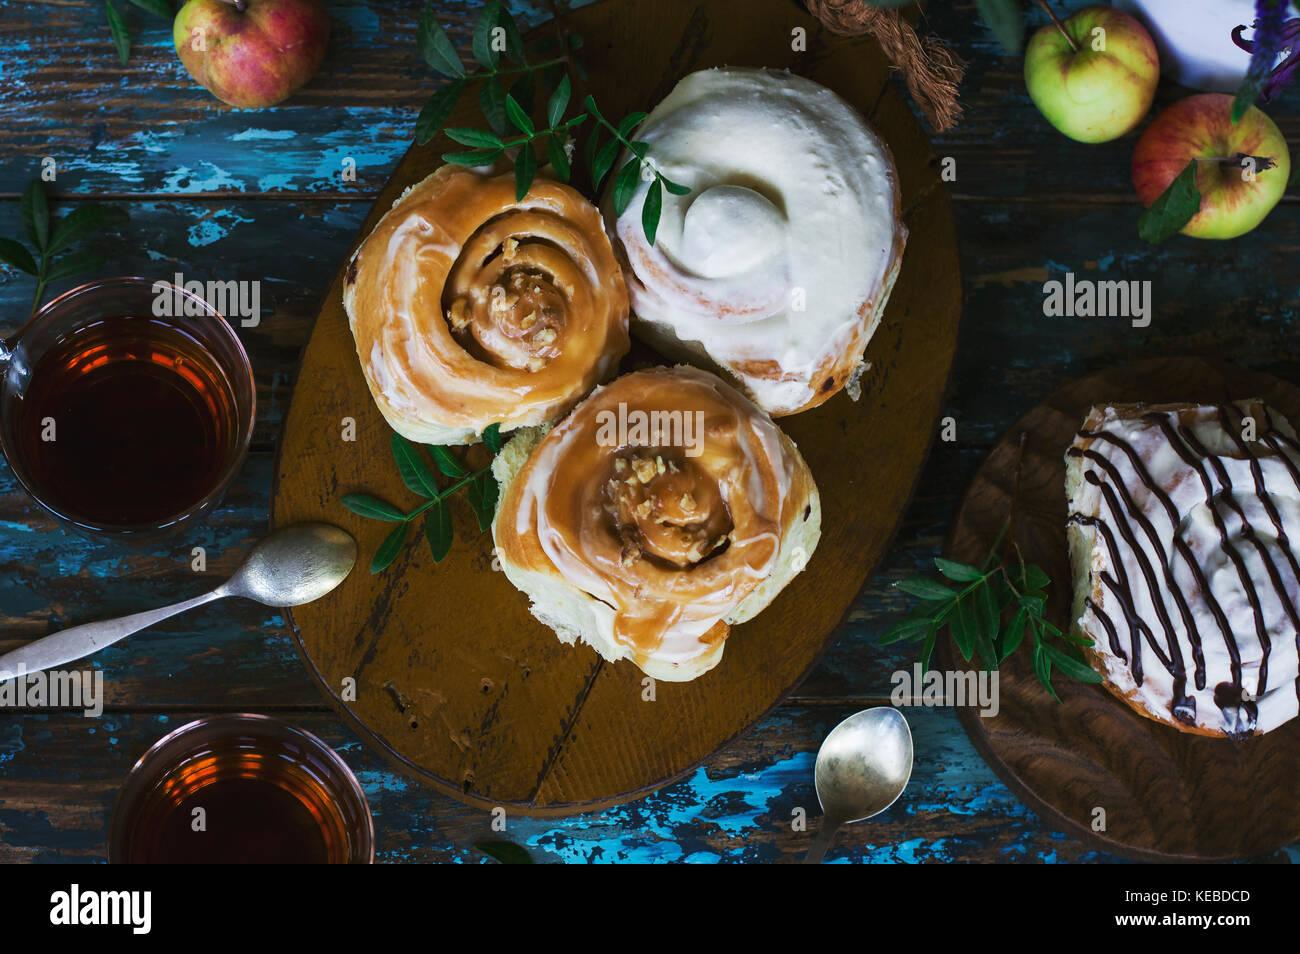 Frisch gebackenen Zimtschnecken mit Zuckerguss, Äpfel und Kaffee auf die schäbigen Hintergrund. Ansicht Stockbild